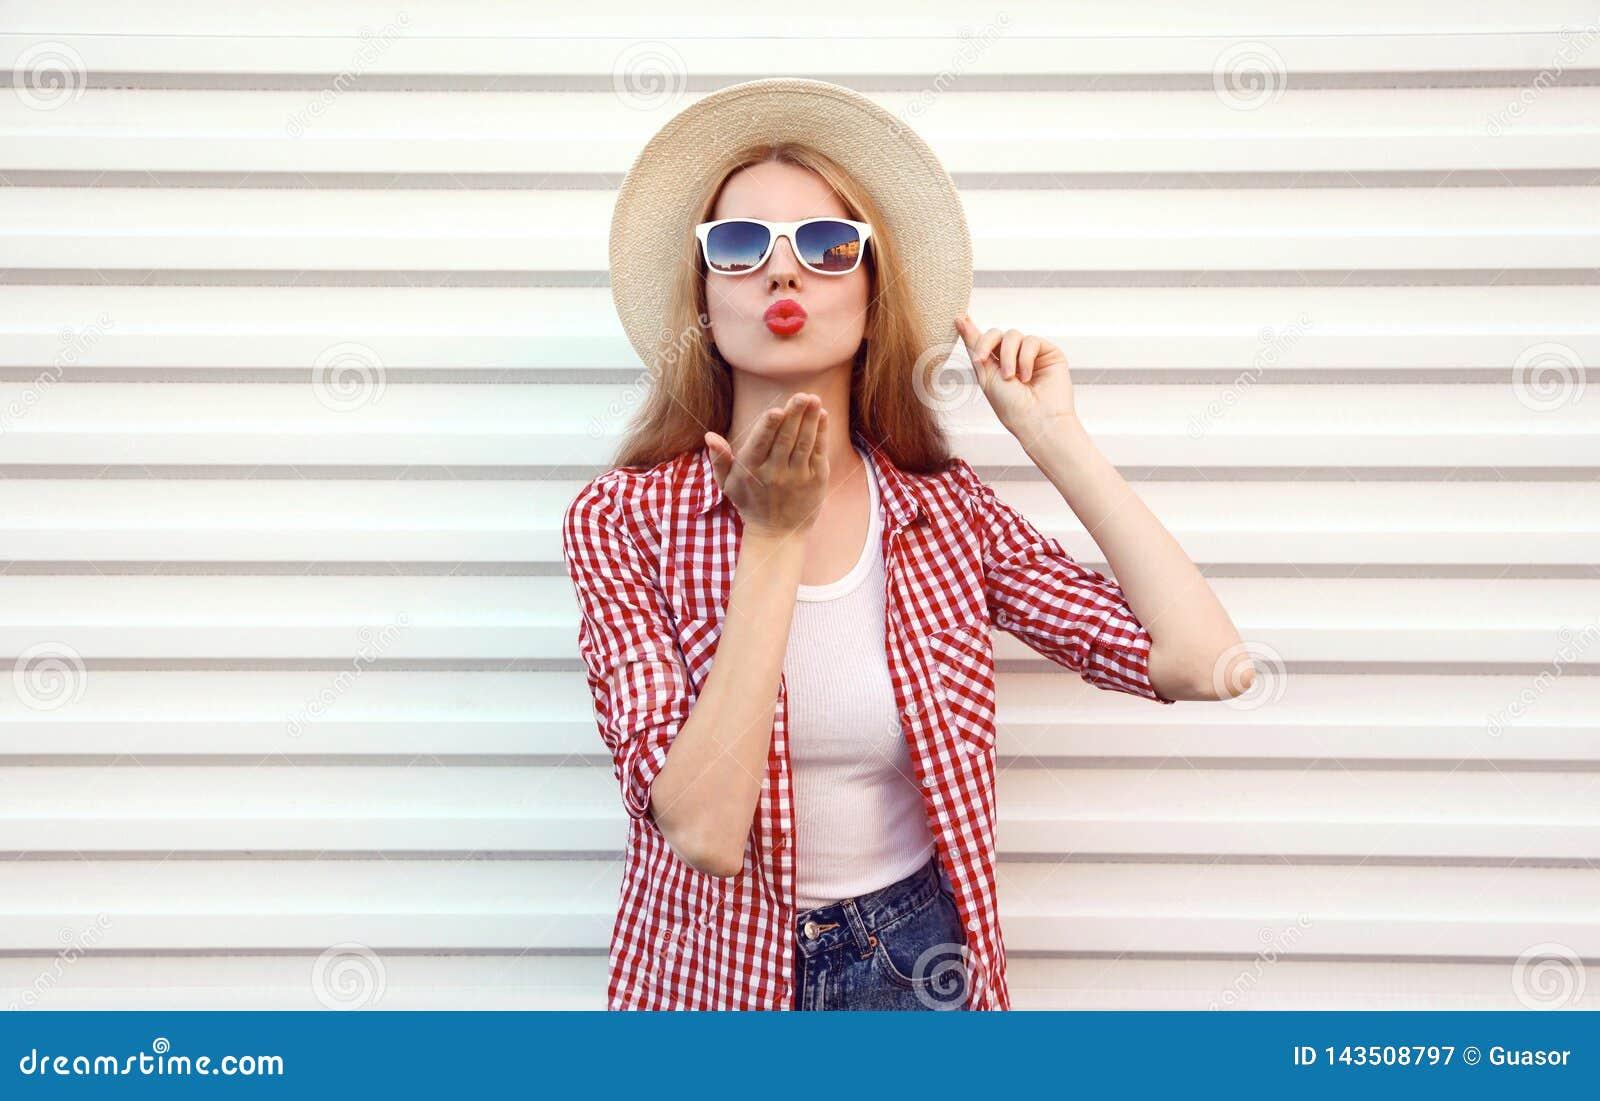 Молодая женщина портрета отправляя сладкий поцелуй воздуха дуя красные губы в соломенной шляпе круга лета, checkered рубашке на б